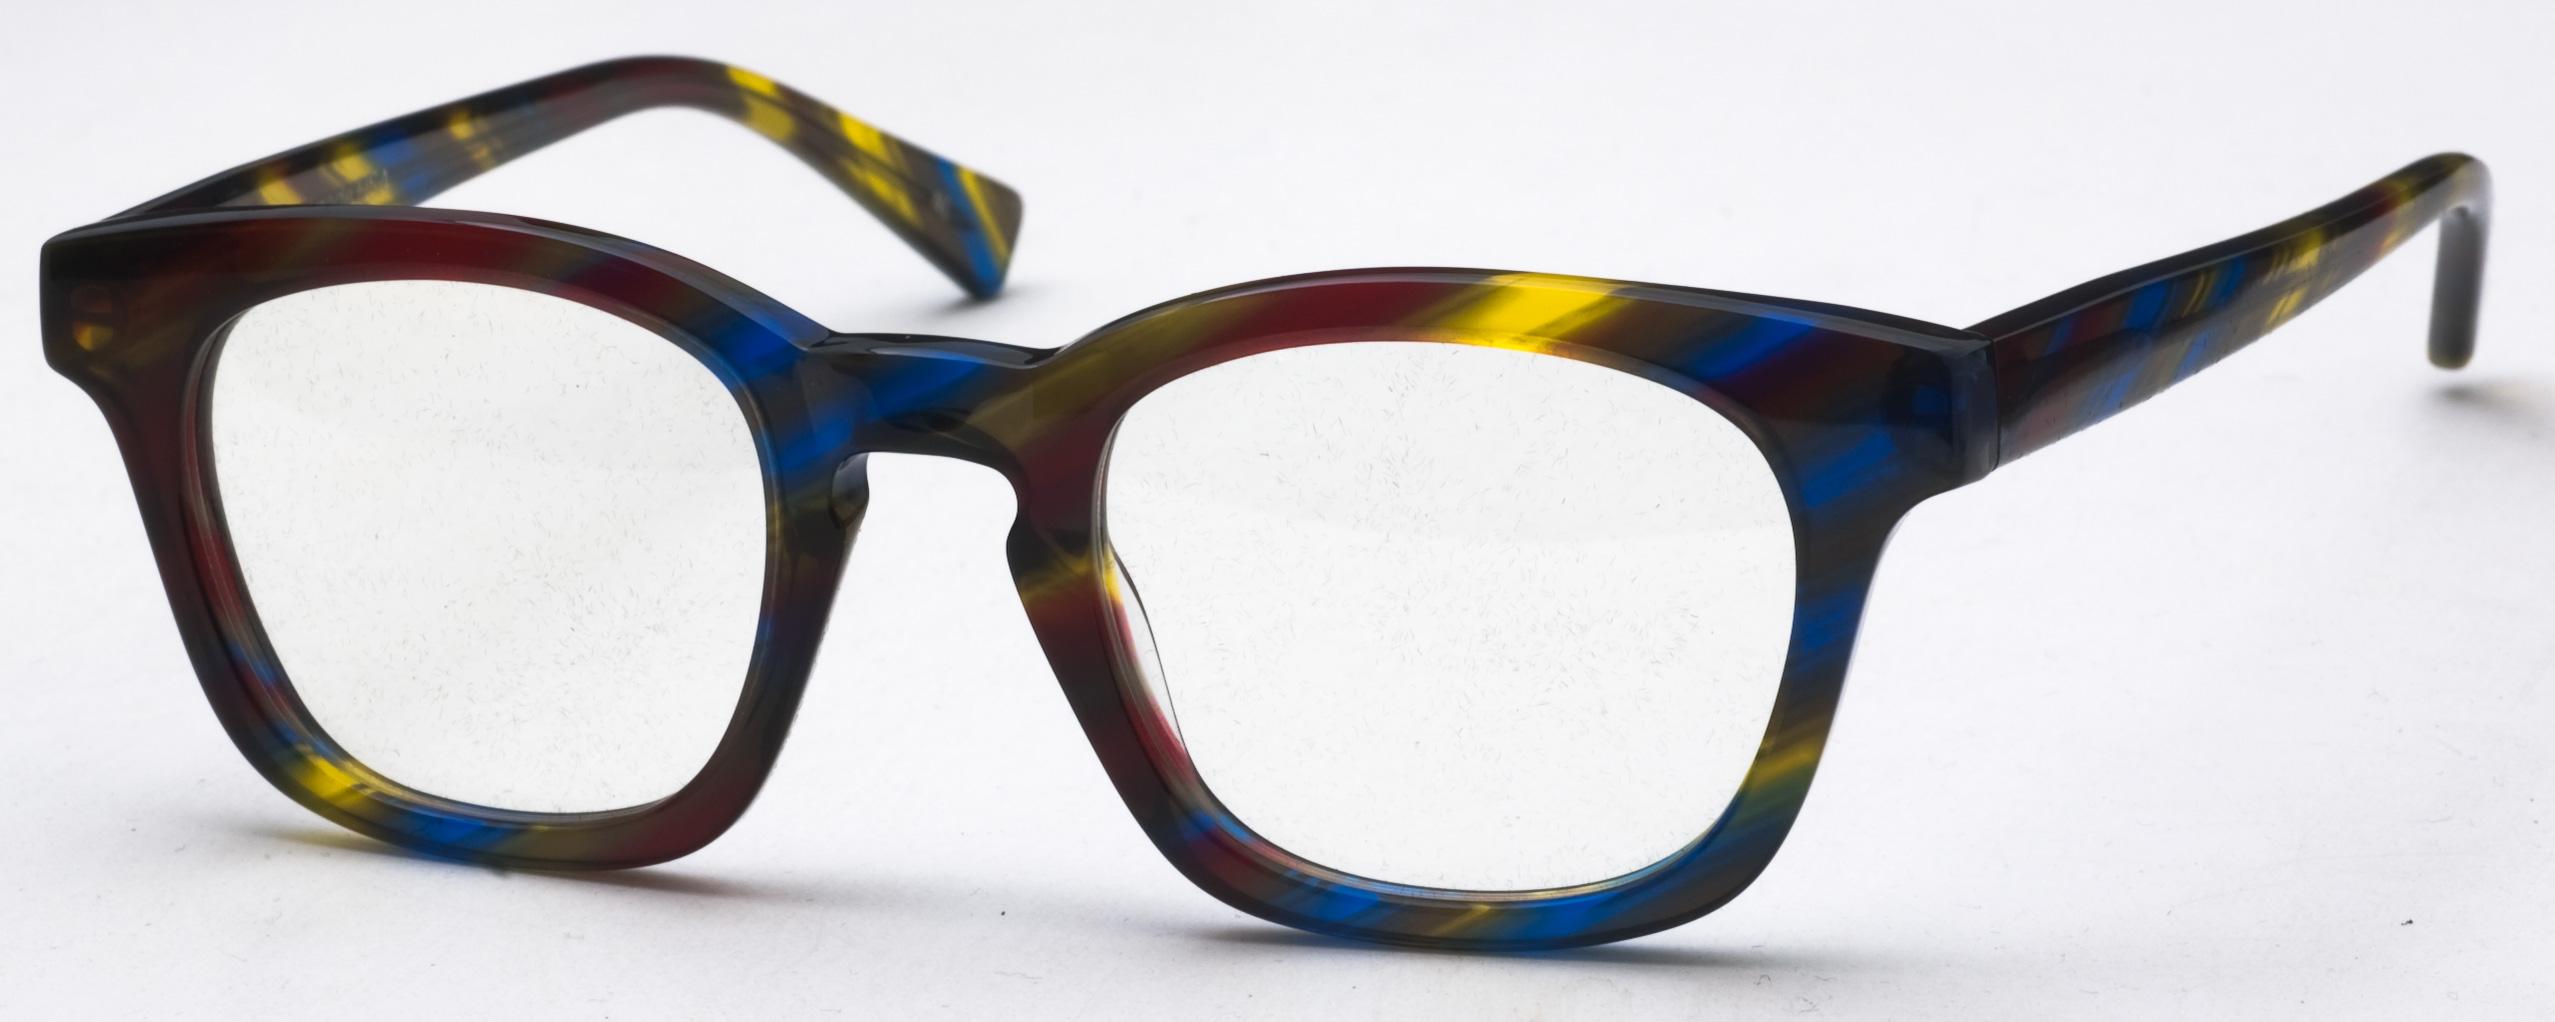 Allen Eyeglasses, Multi NL